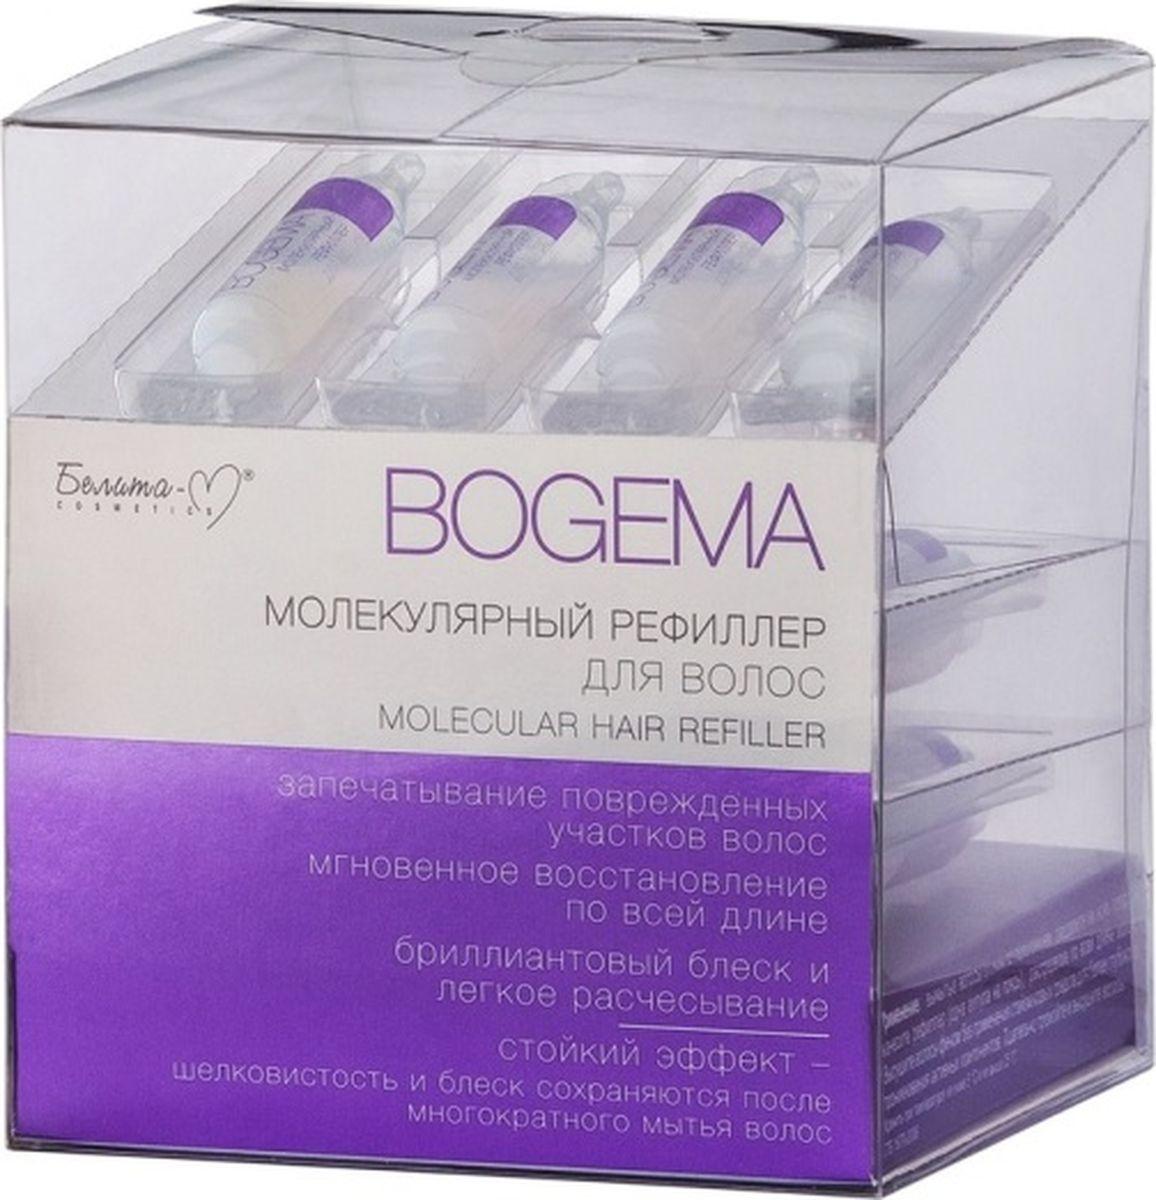 Белита-М Молекулярный рефиллер для волос серии Bogema, 12 шт по 3 млBM-324Серия: BOGEMAИнновационный продукт предназначен для интенсивного восстановления волос с помощью активных компонентов, действующих на молекулярном уровне. Он проникает в самое сердце каждого волоса и восстанавливает повреждения изнутри. Активные компоненты: Гидролизованный кератин Kemicher (Италия) Aquaxyl (Франция) - комплекс моносахаридов, гидро-регулятор природного происхождения Действие: Восстанавливает поврежденную структуру волоса Обеспечивает длительное увлажнение Препятствует сечению кончиков Придает волосам шелковистость и блеск Облегчает расчесываниеВозраст: 16 +